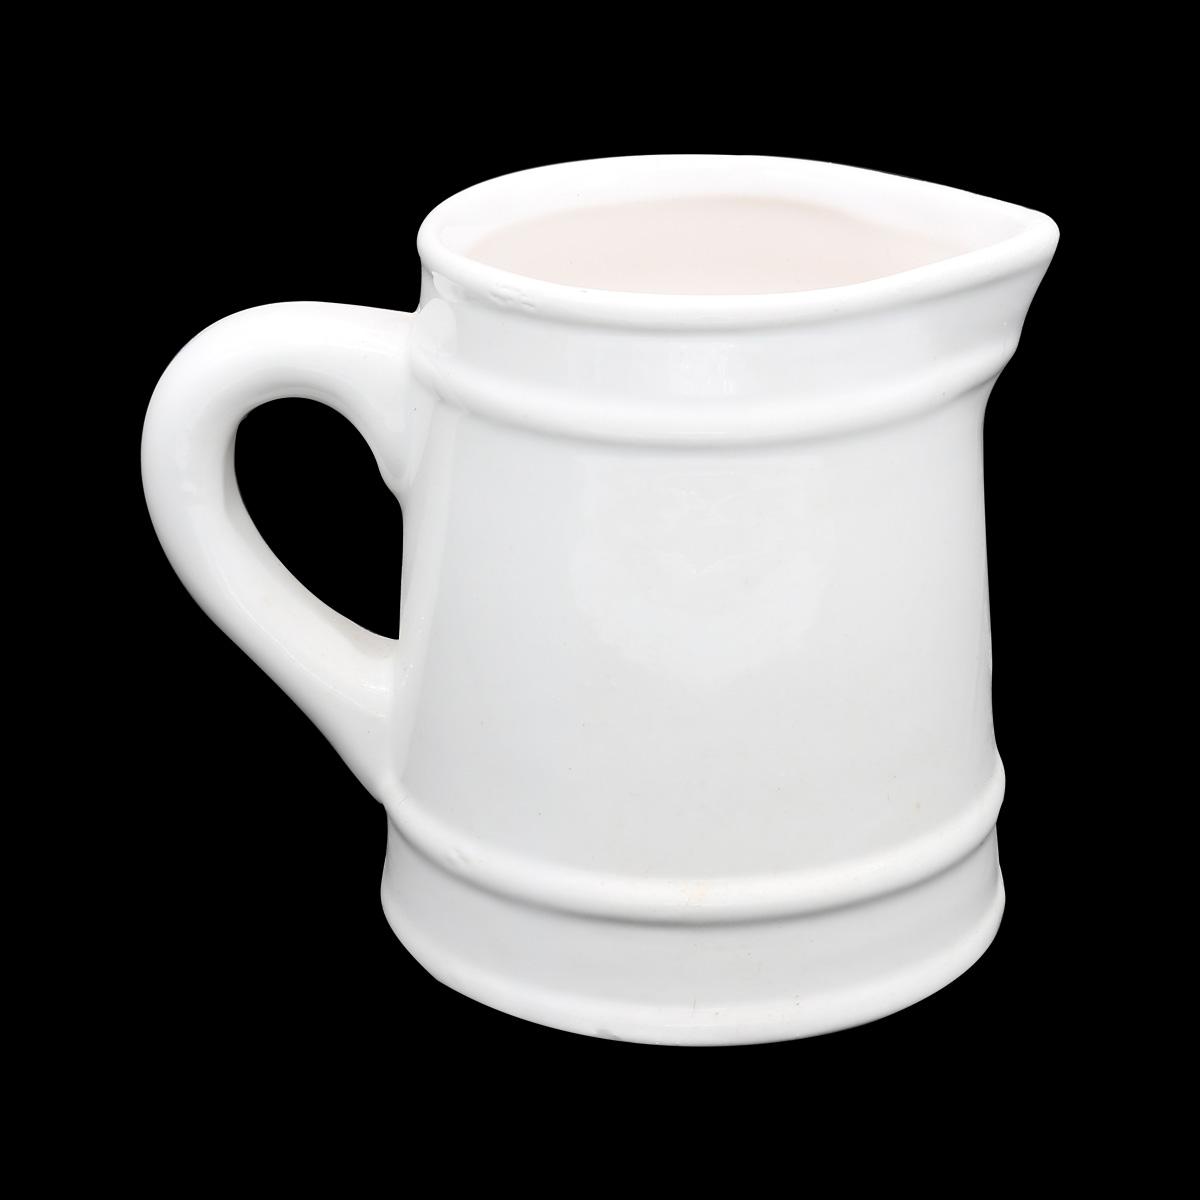 AR070 Кувшин керамический 6*7.5см, цв. белый